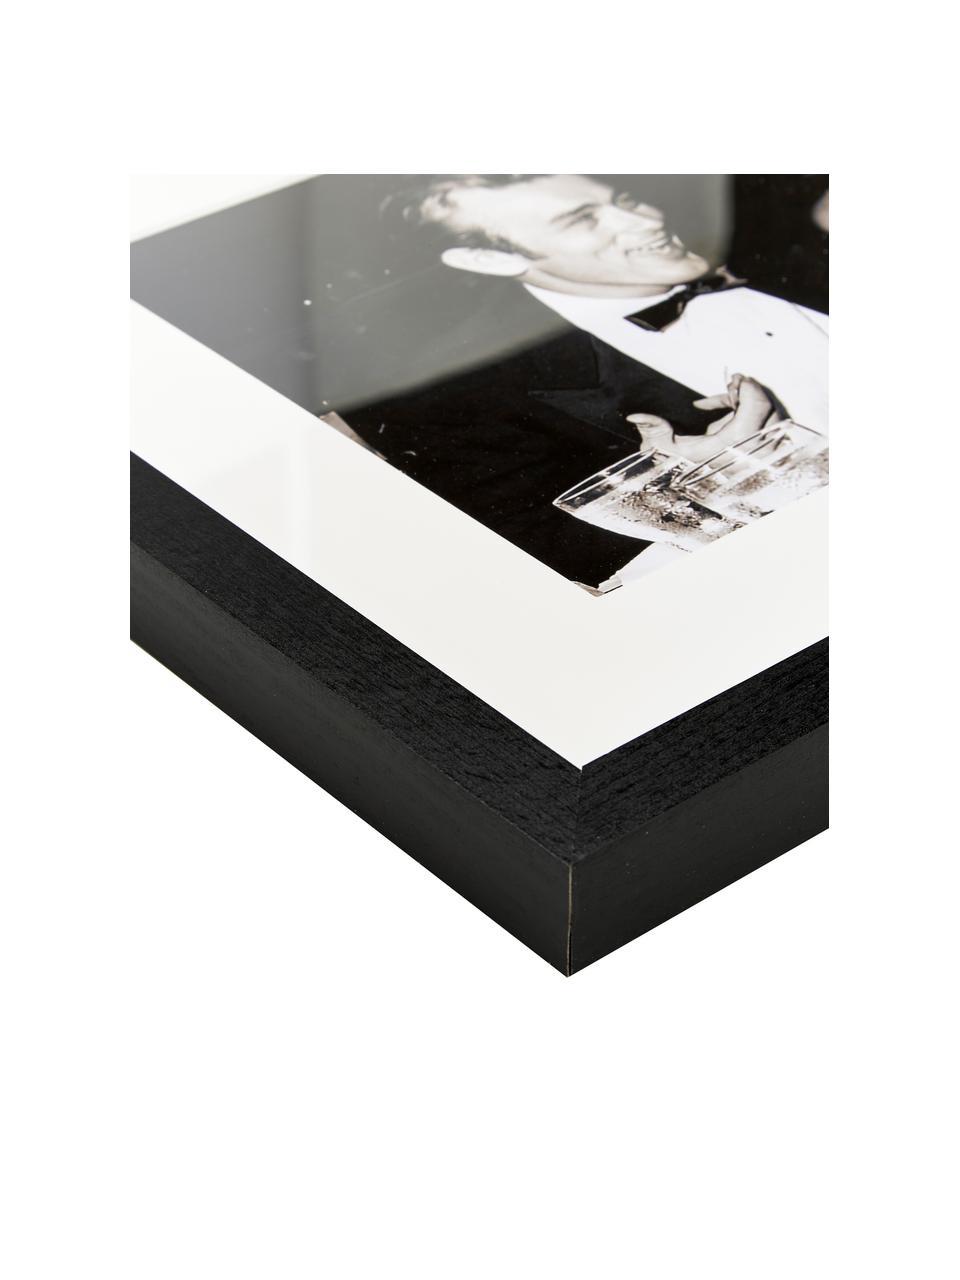 Gerahmter Fotodruck Pier Angeli und James Dean, Bild: Digitaldruck auf Papier, Rahmen: Buchenholz, lackiert, Ple, Bild: Sepia Rahmen: Schwarz, 43 x 33 cm